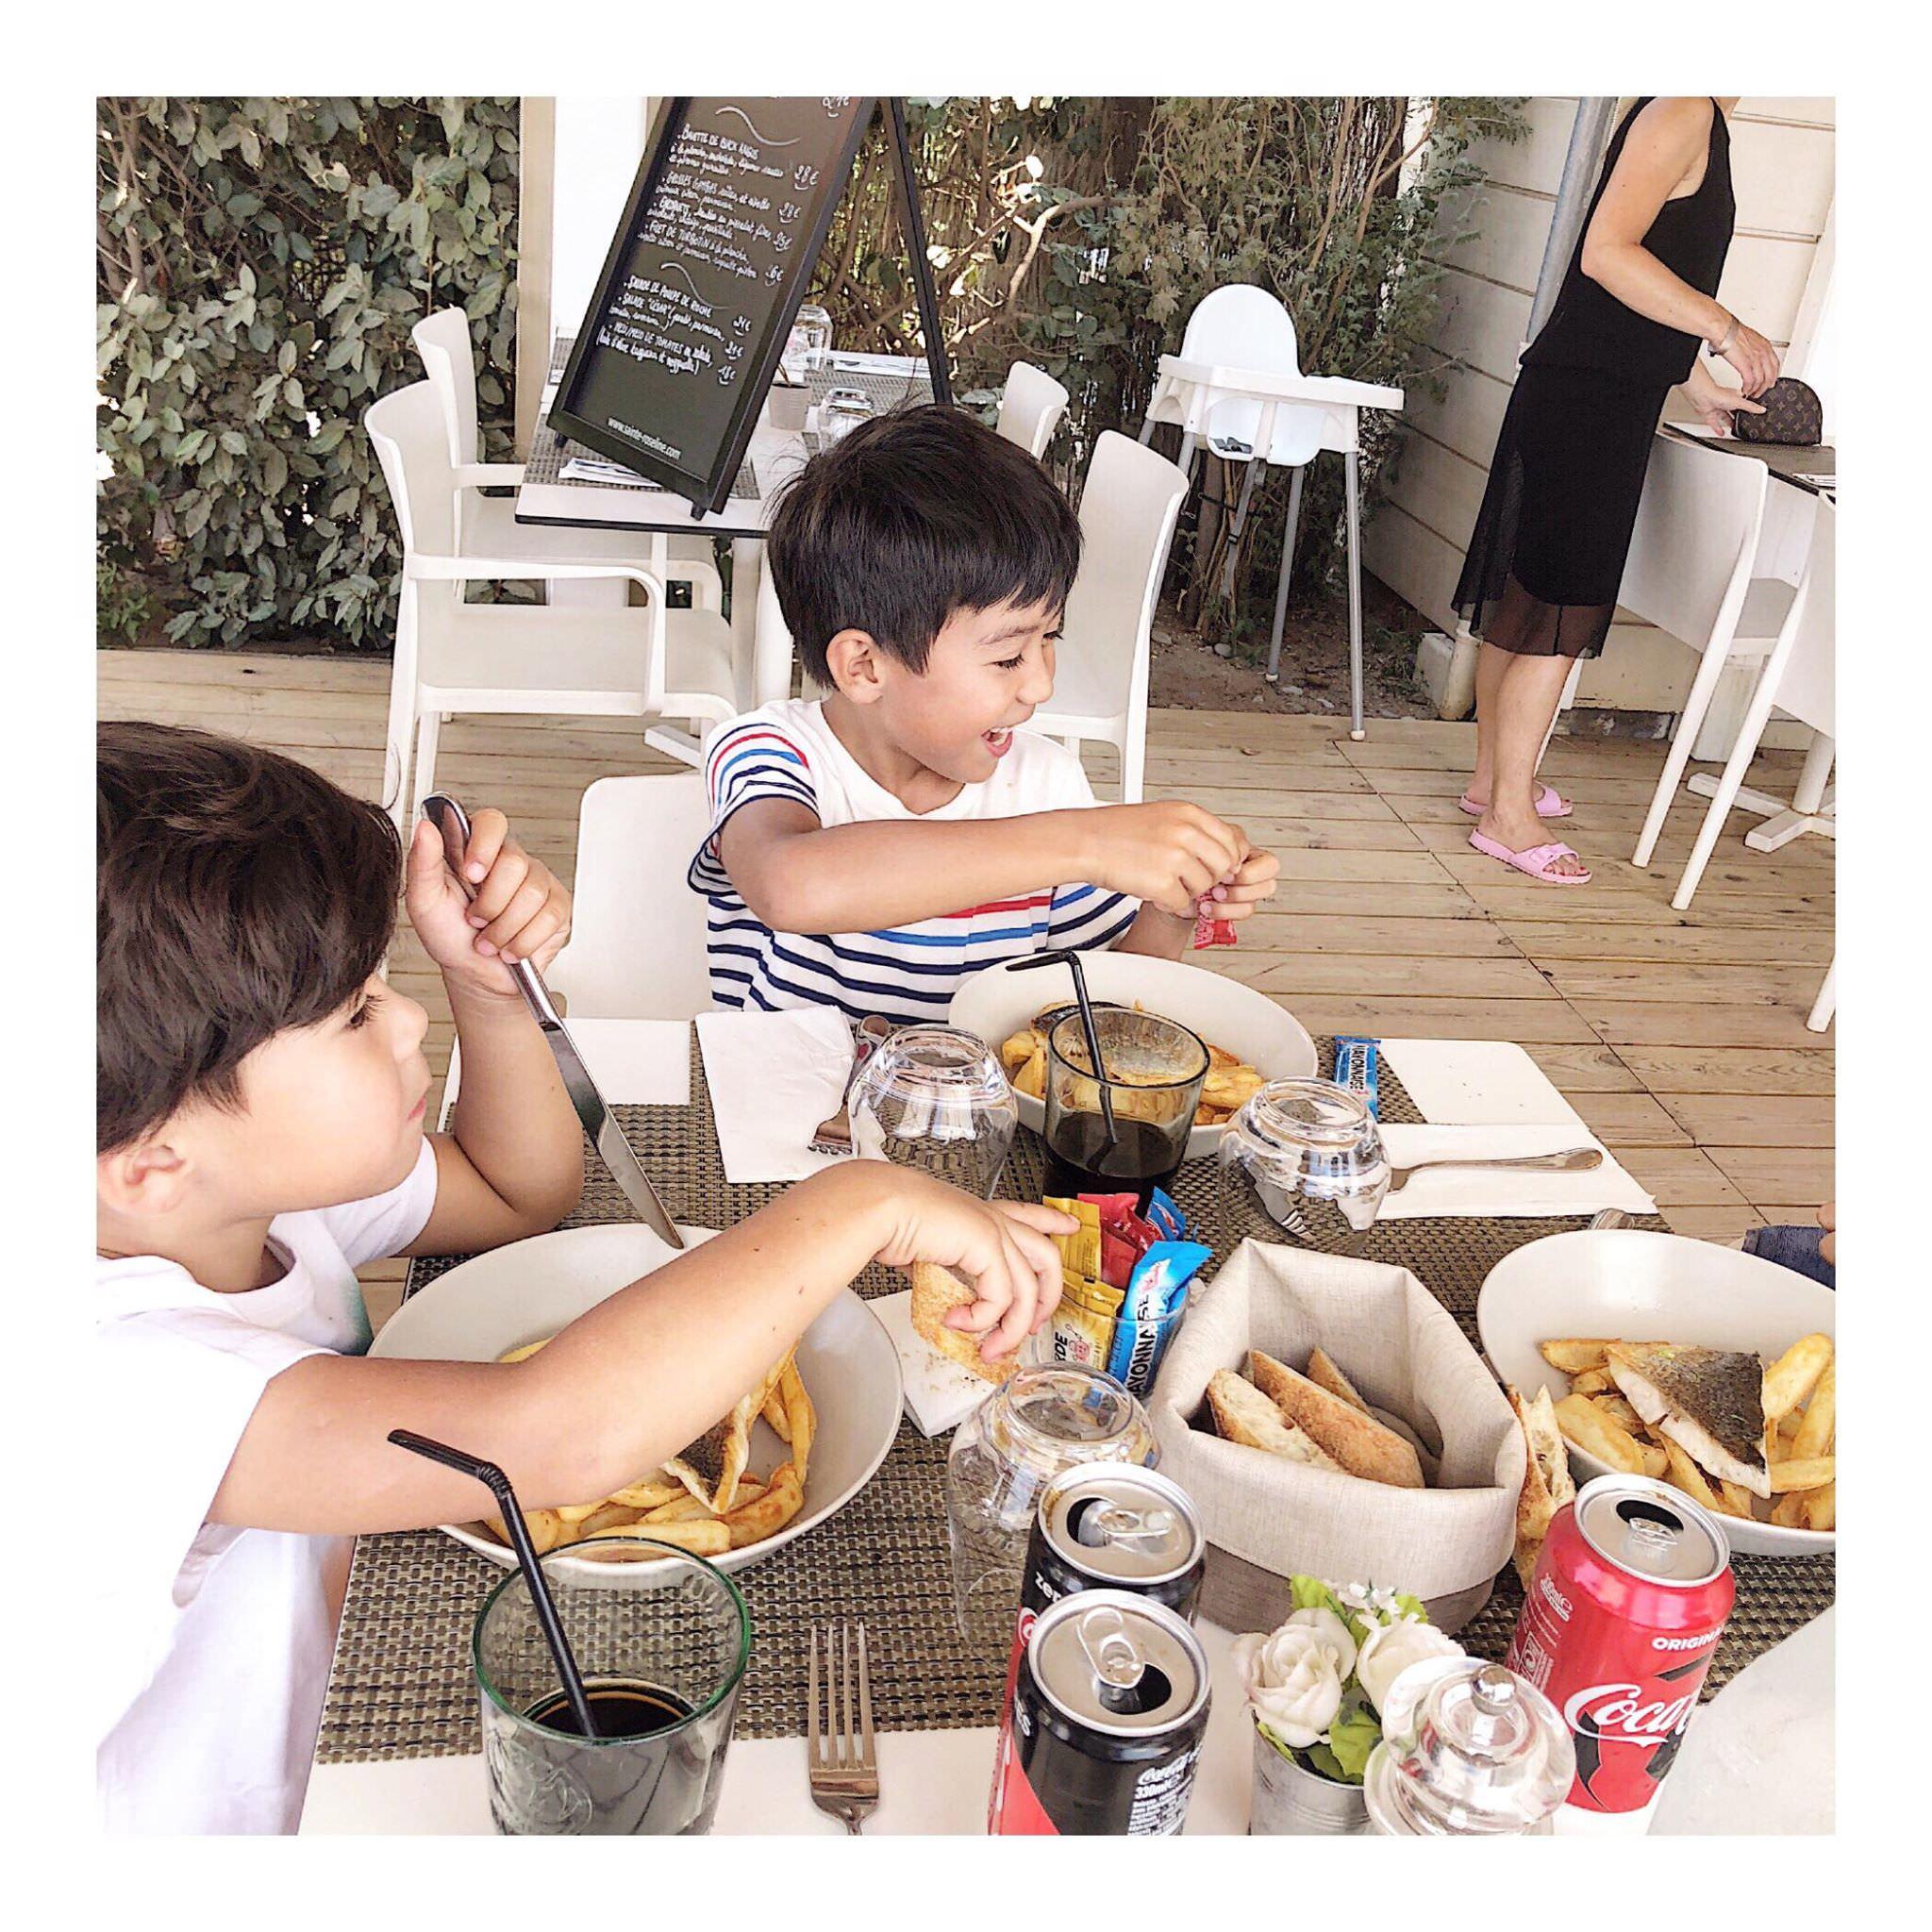 別讓手機陪我們用餐,珍惜和家人用餐時刻